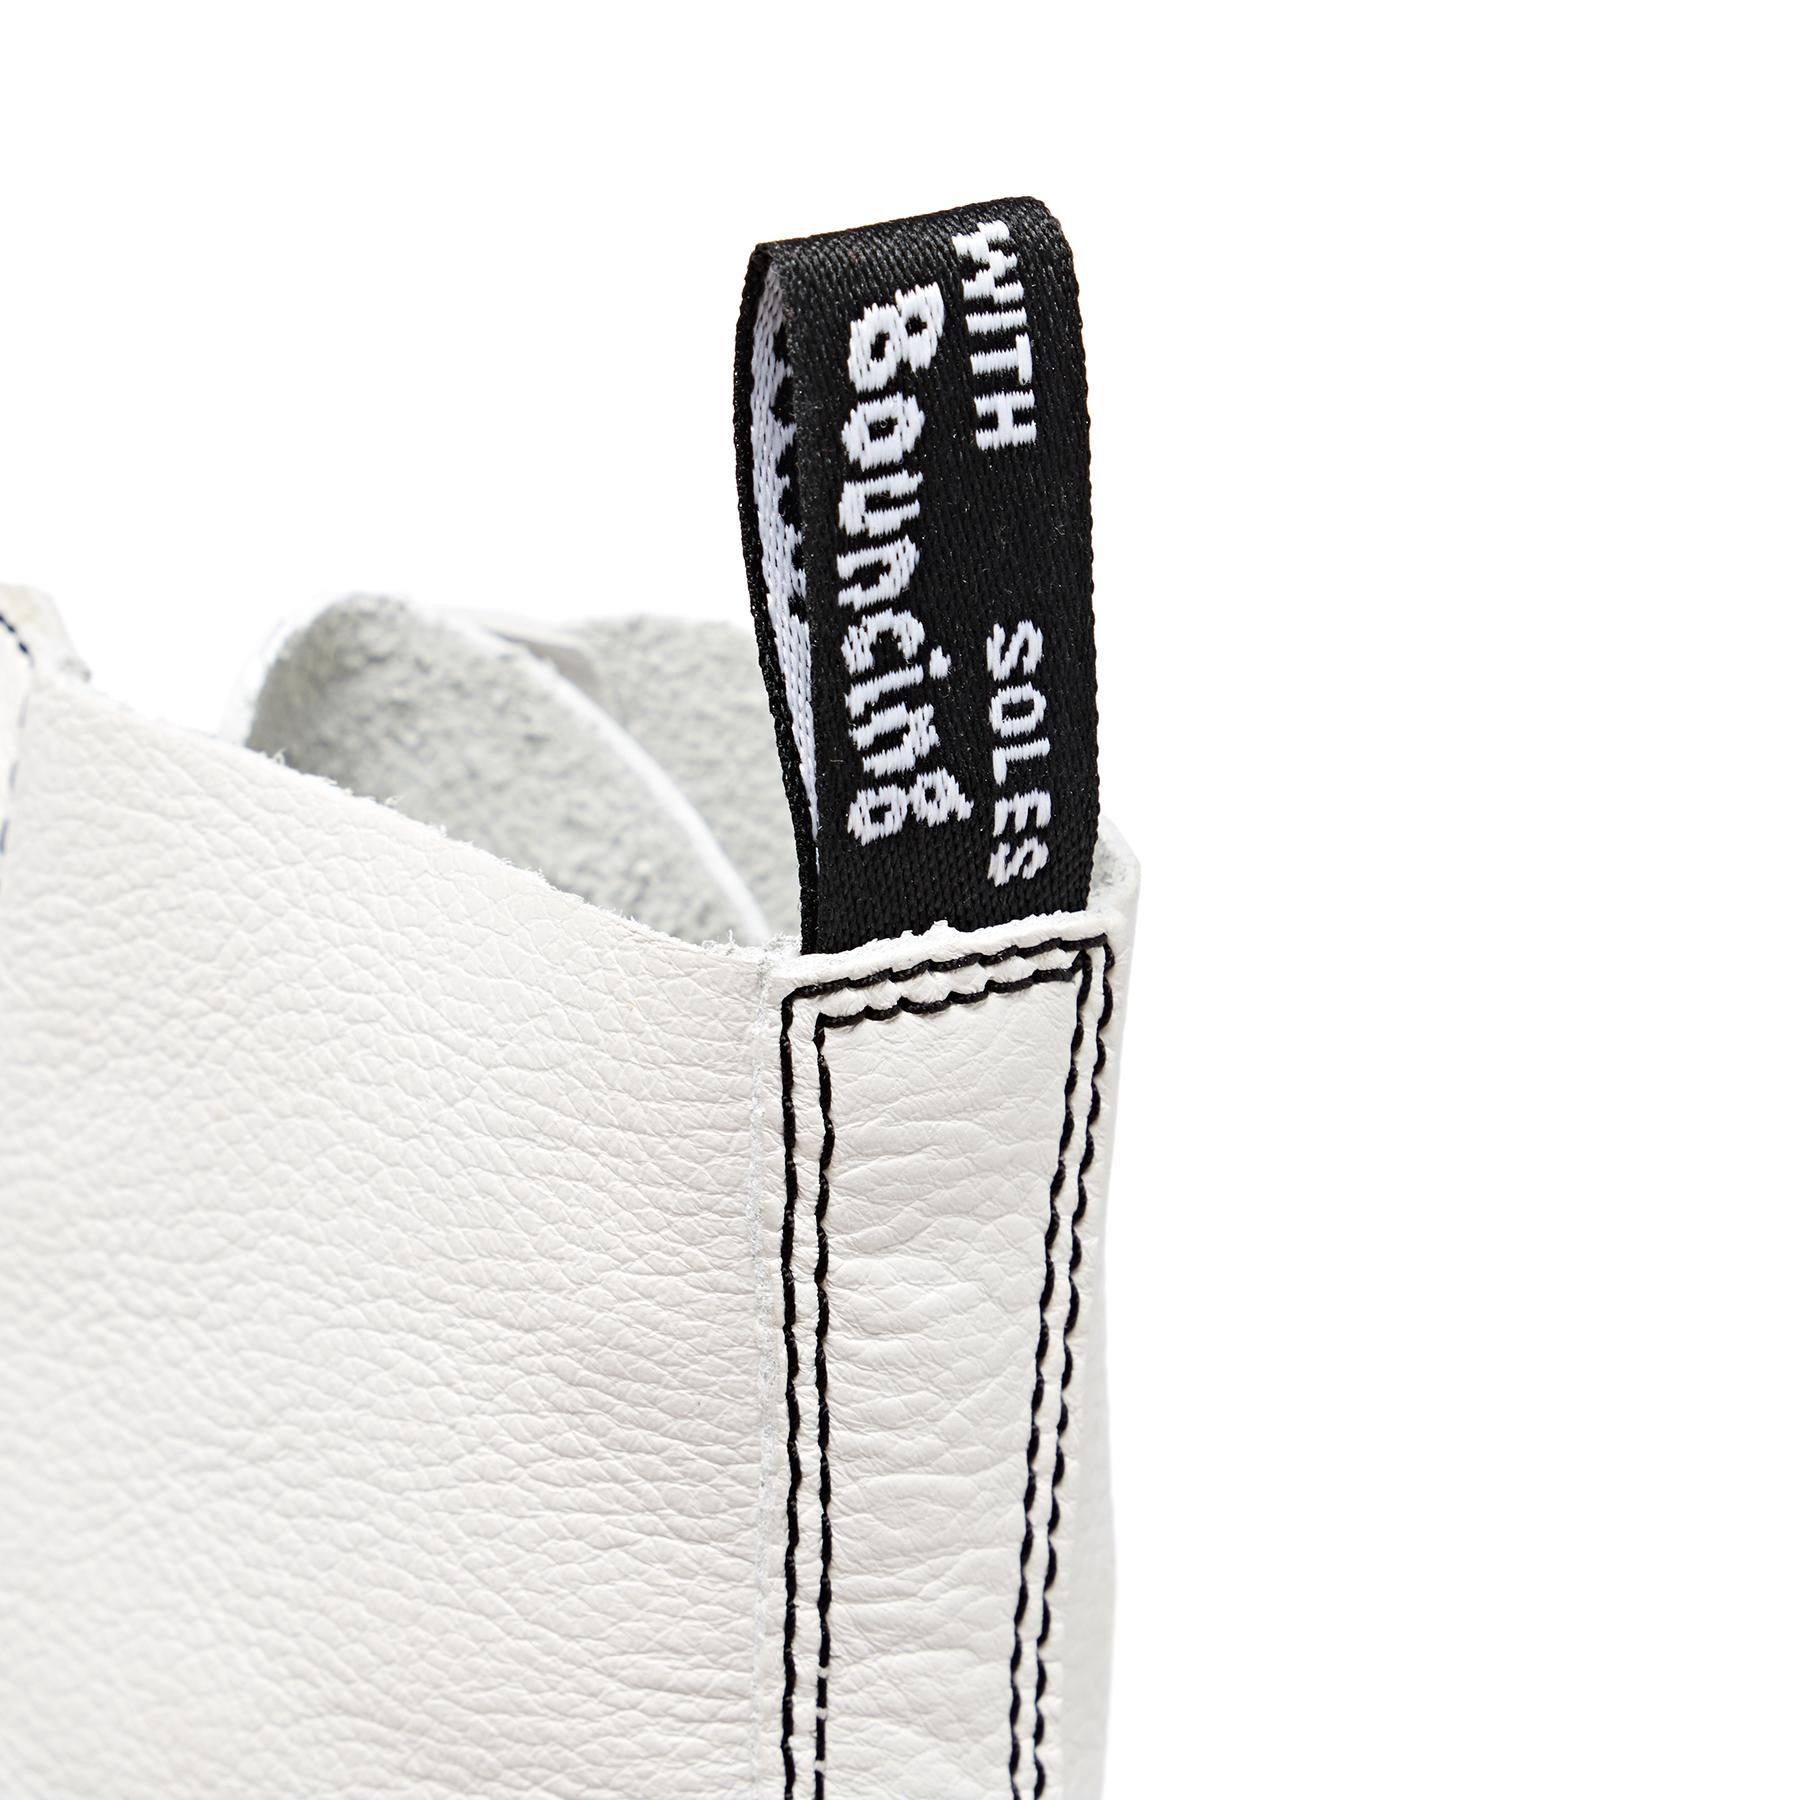 Dr Martens 1460 Pascal Black & White Dame Støvler Optical